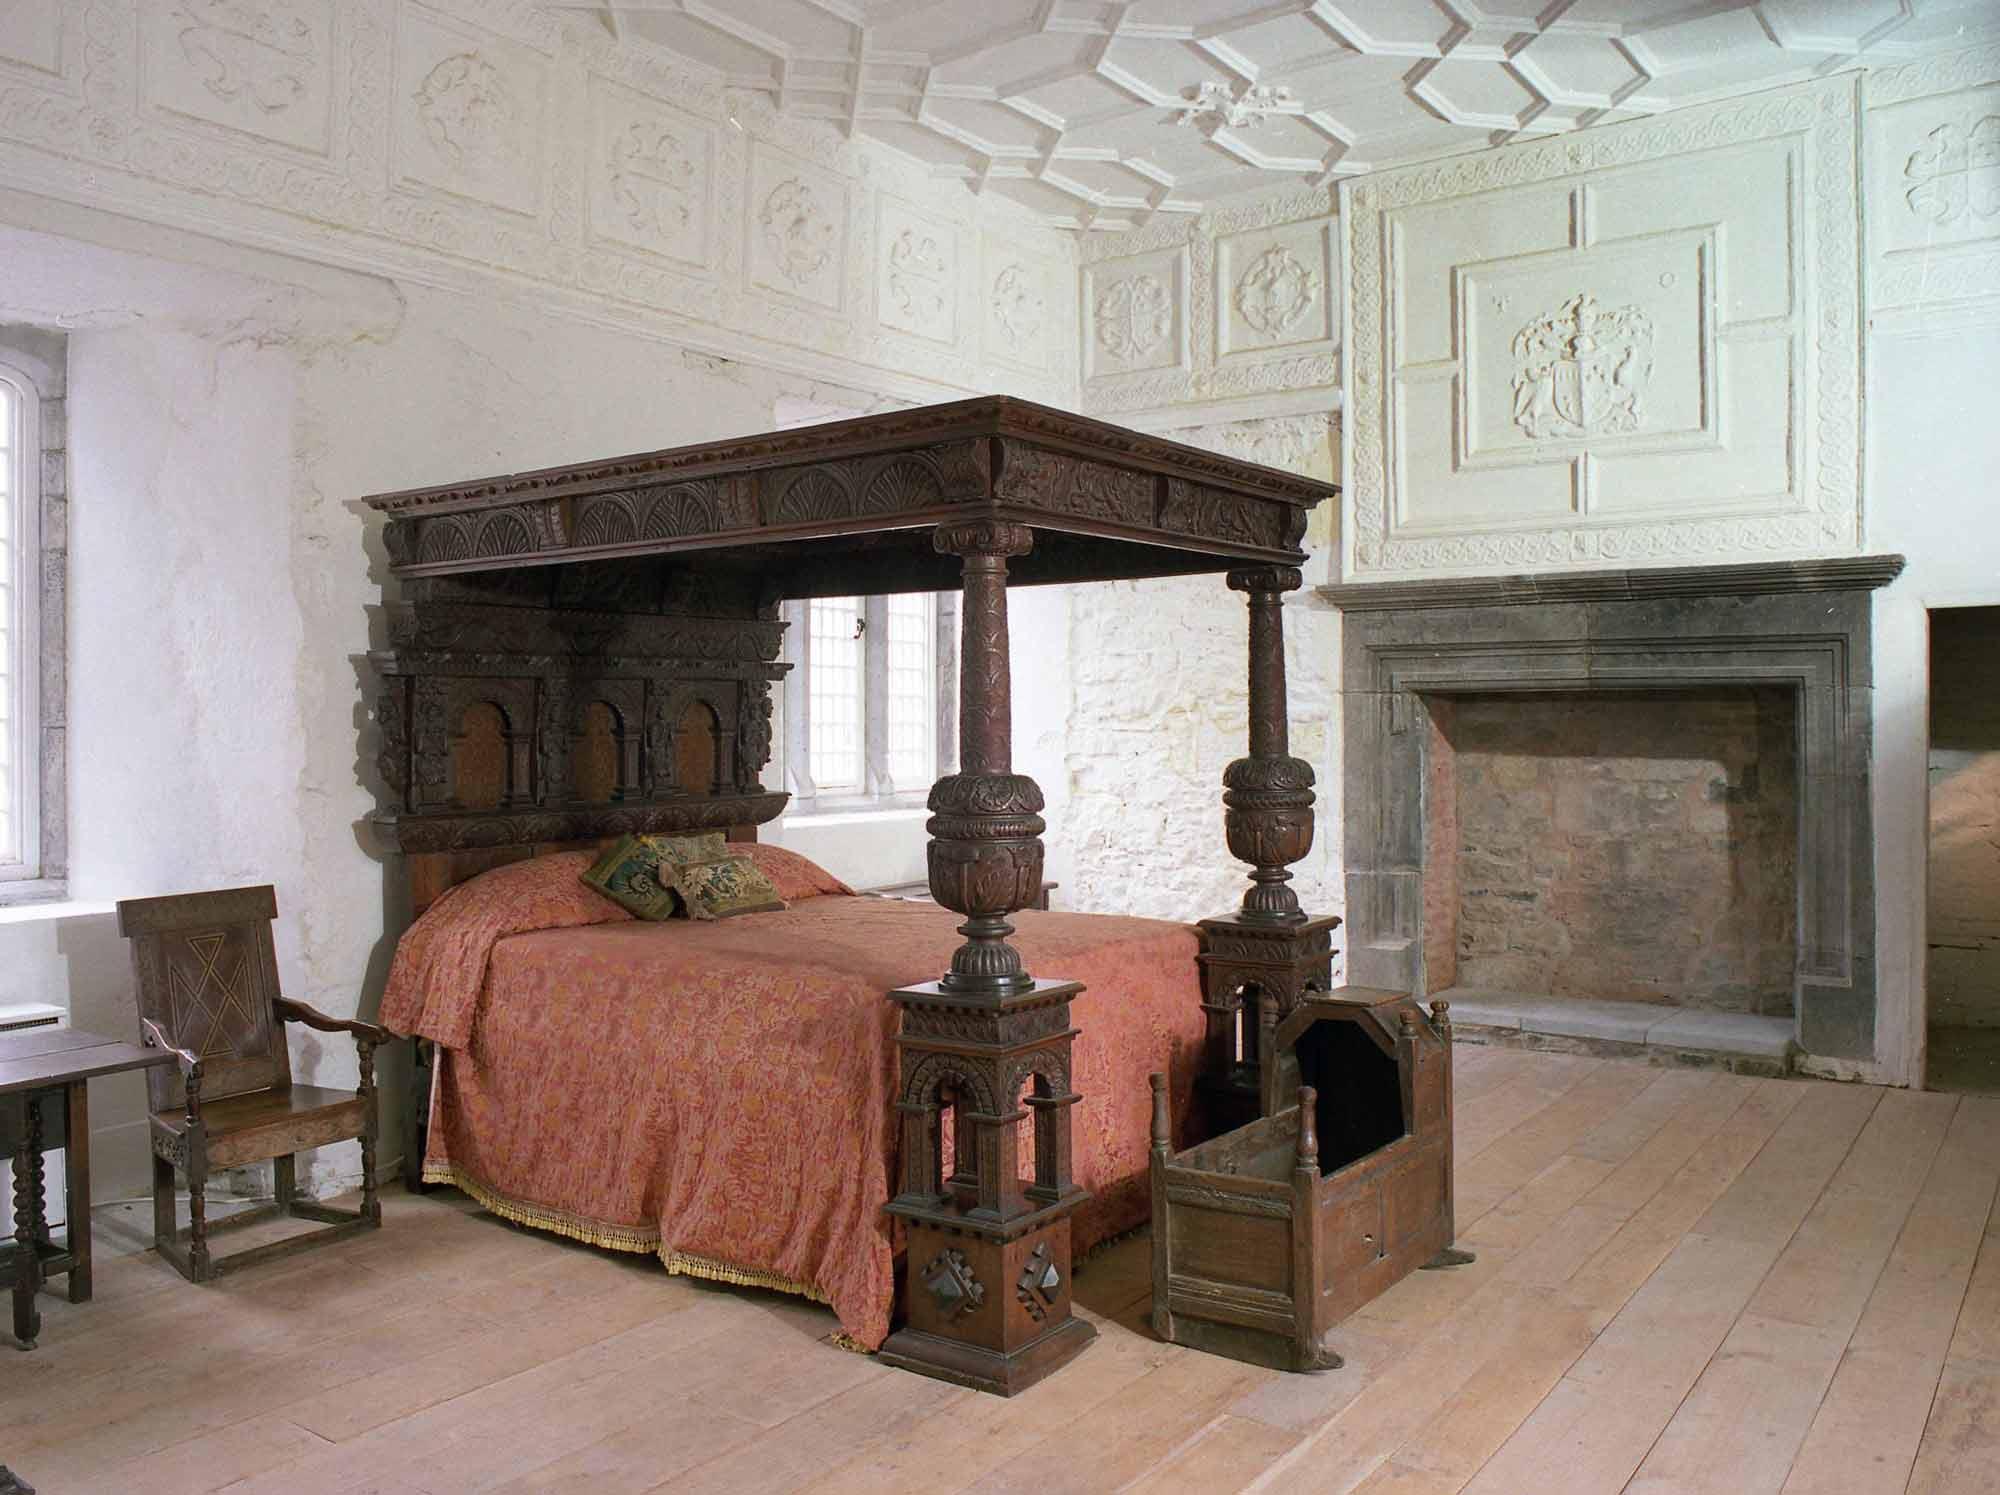 Early 17th century oak bed